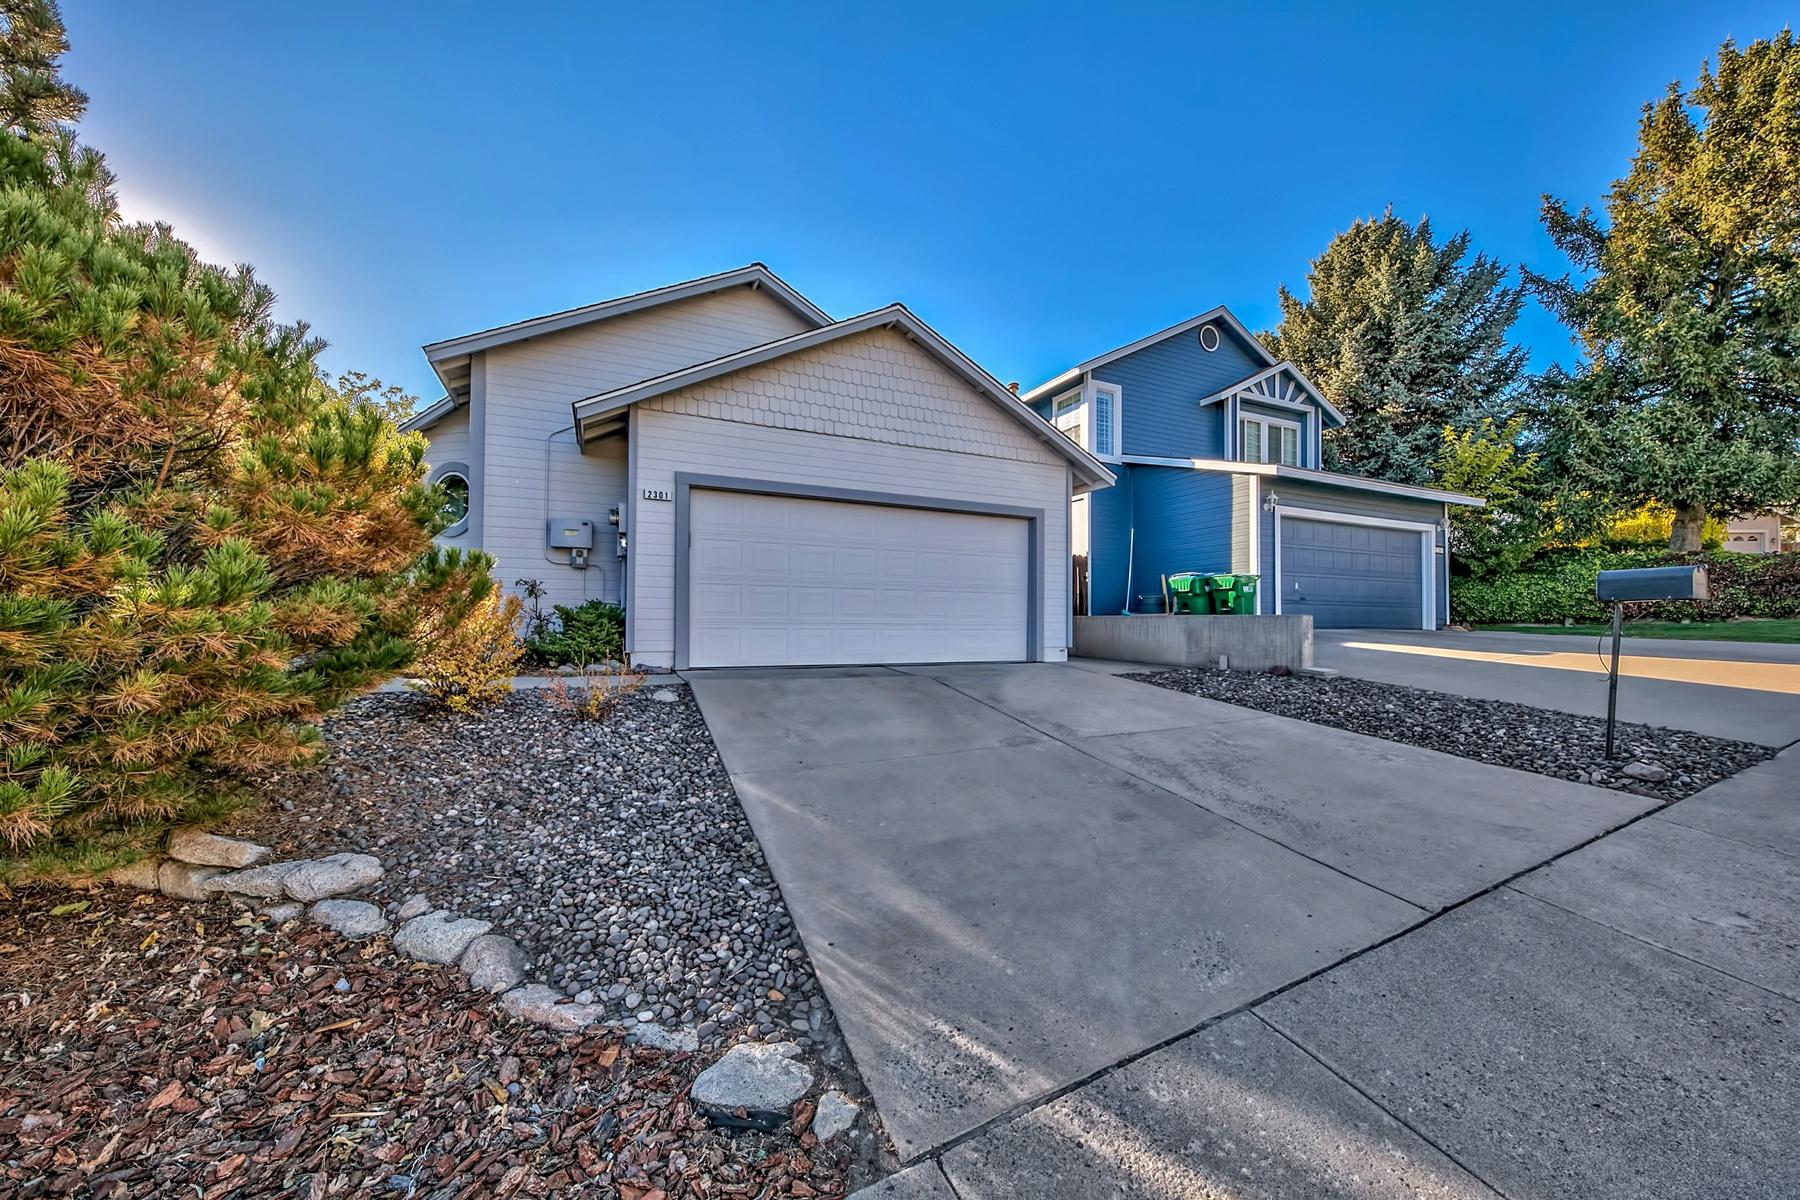 Property for Active at 2301 Cordilla Ct., Reno, NV 2301 Cordilla Ct. Reno, Nevada 89523 United States